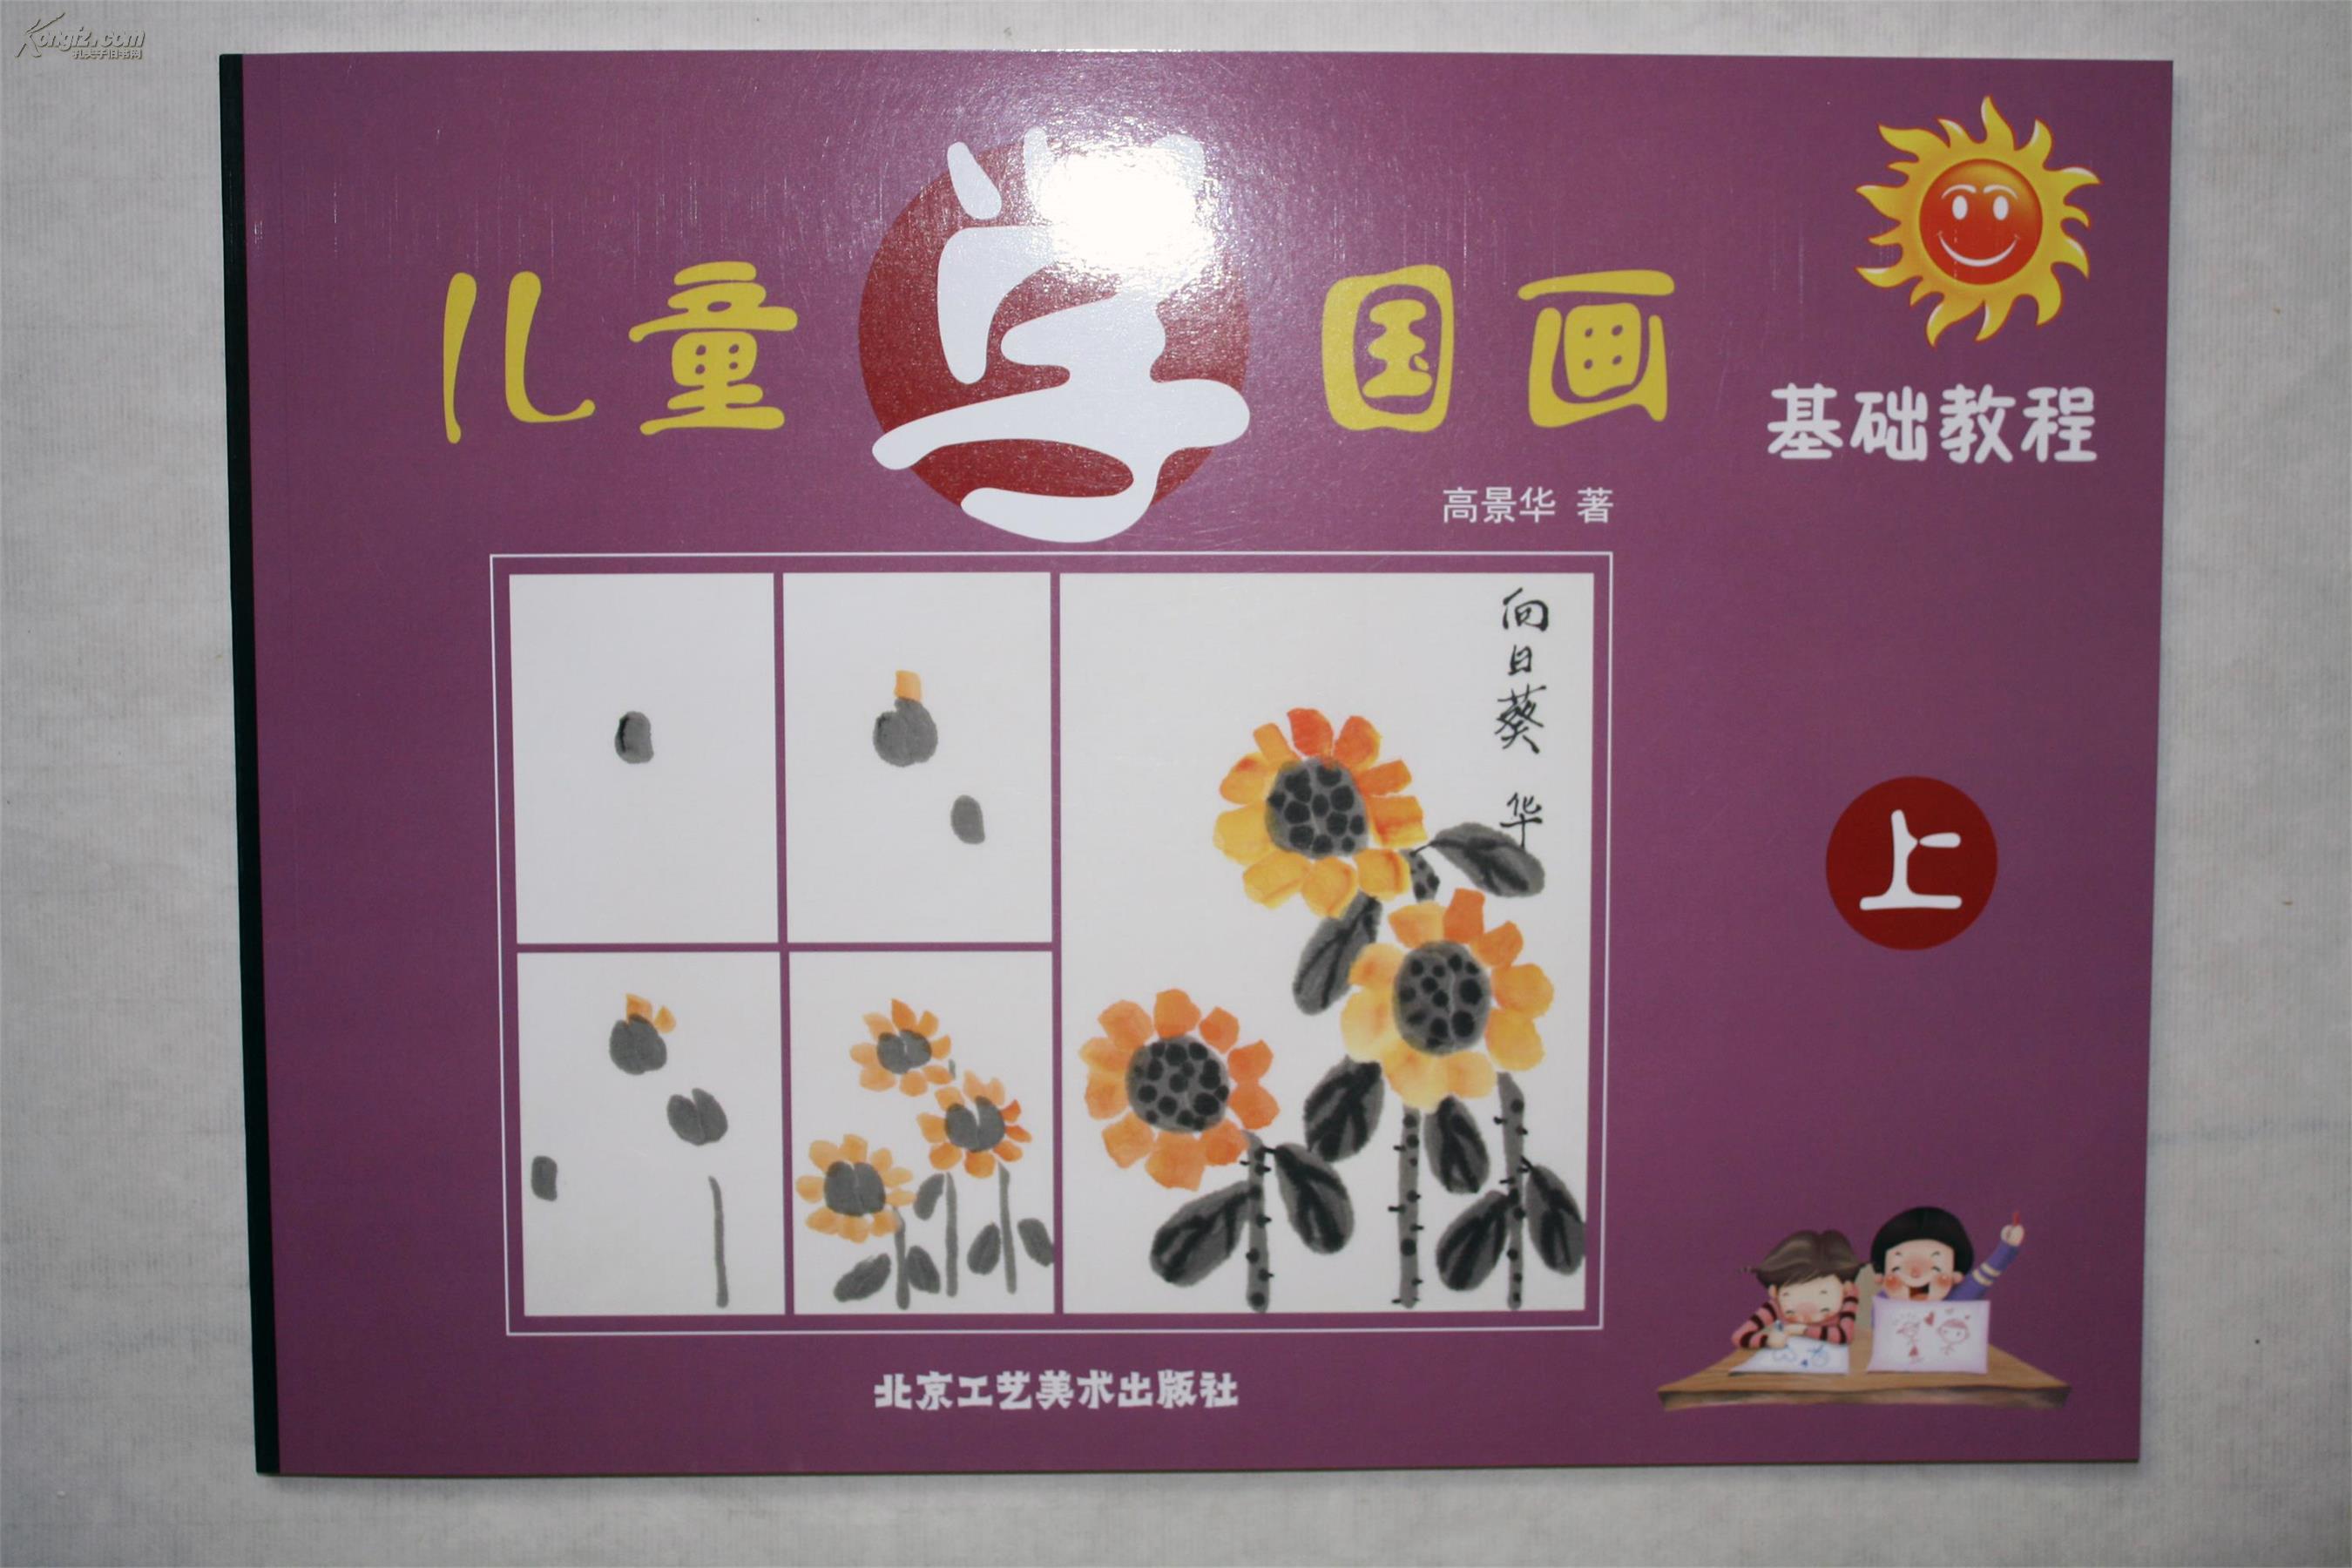 【图】儿童学国画 基础教程 上_北京工艺美术出版社图片